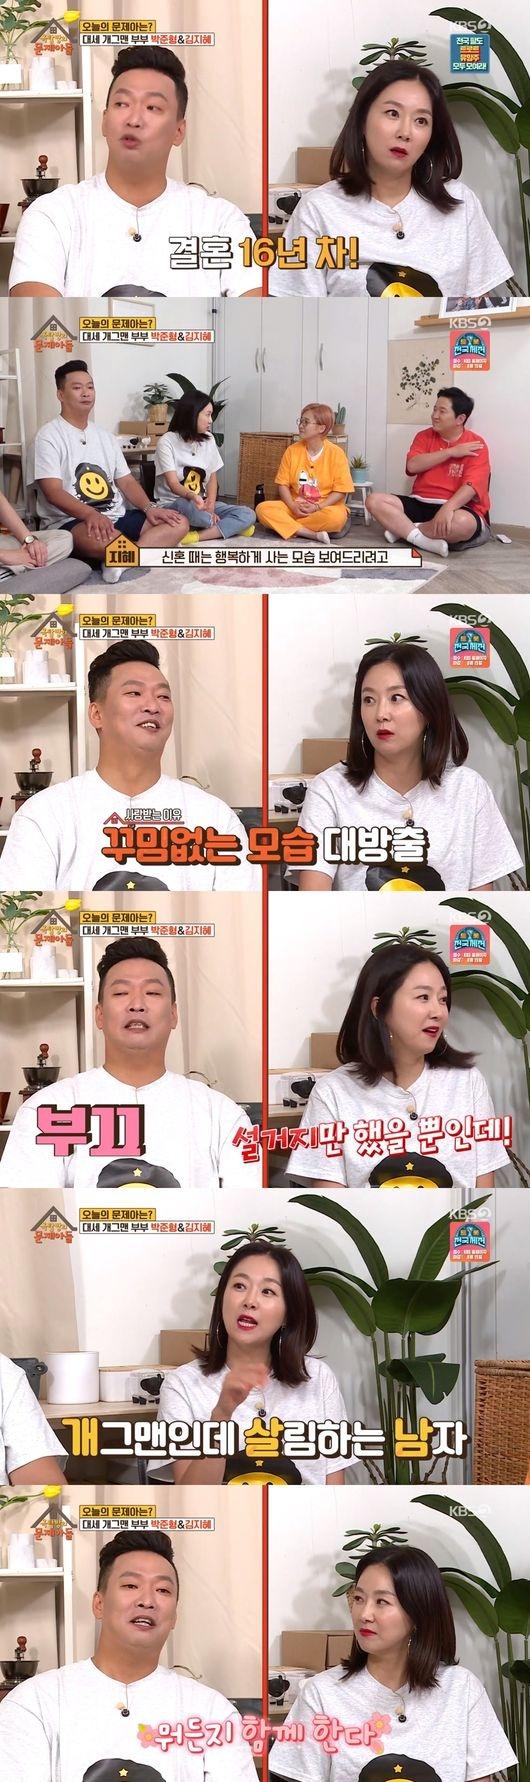 사진 : KBS2TV '옥탑방의 문제아들' 방송캡쳐